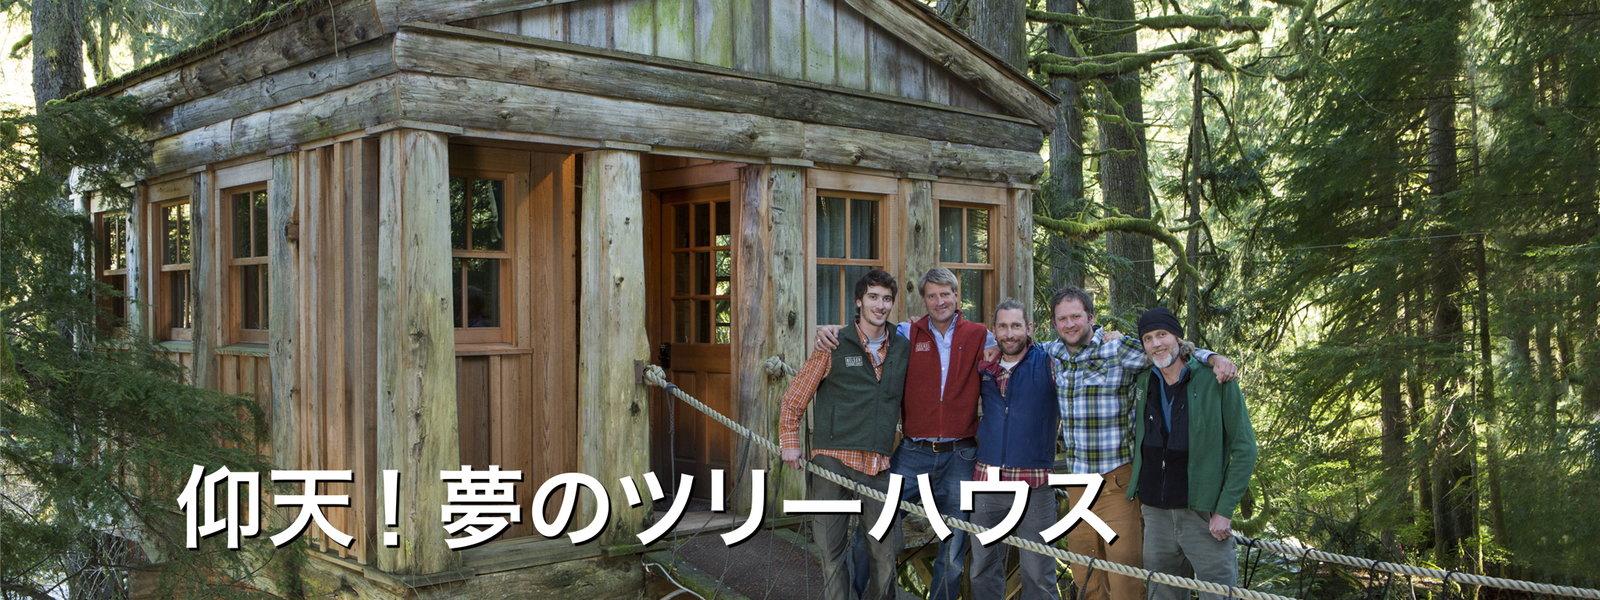 仰天! 夢のツリーハウス 動画